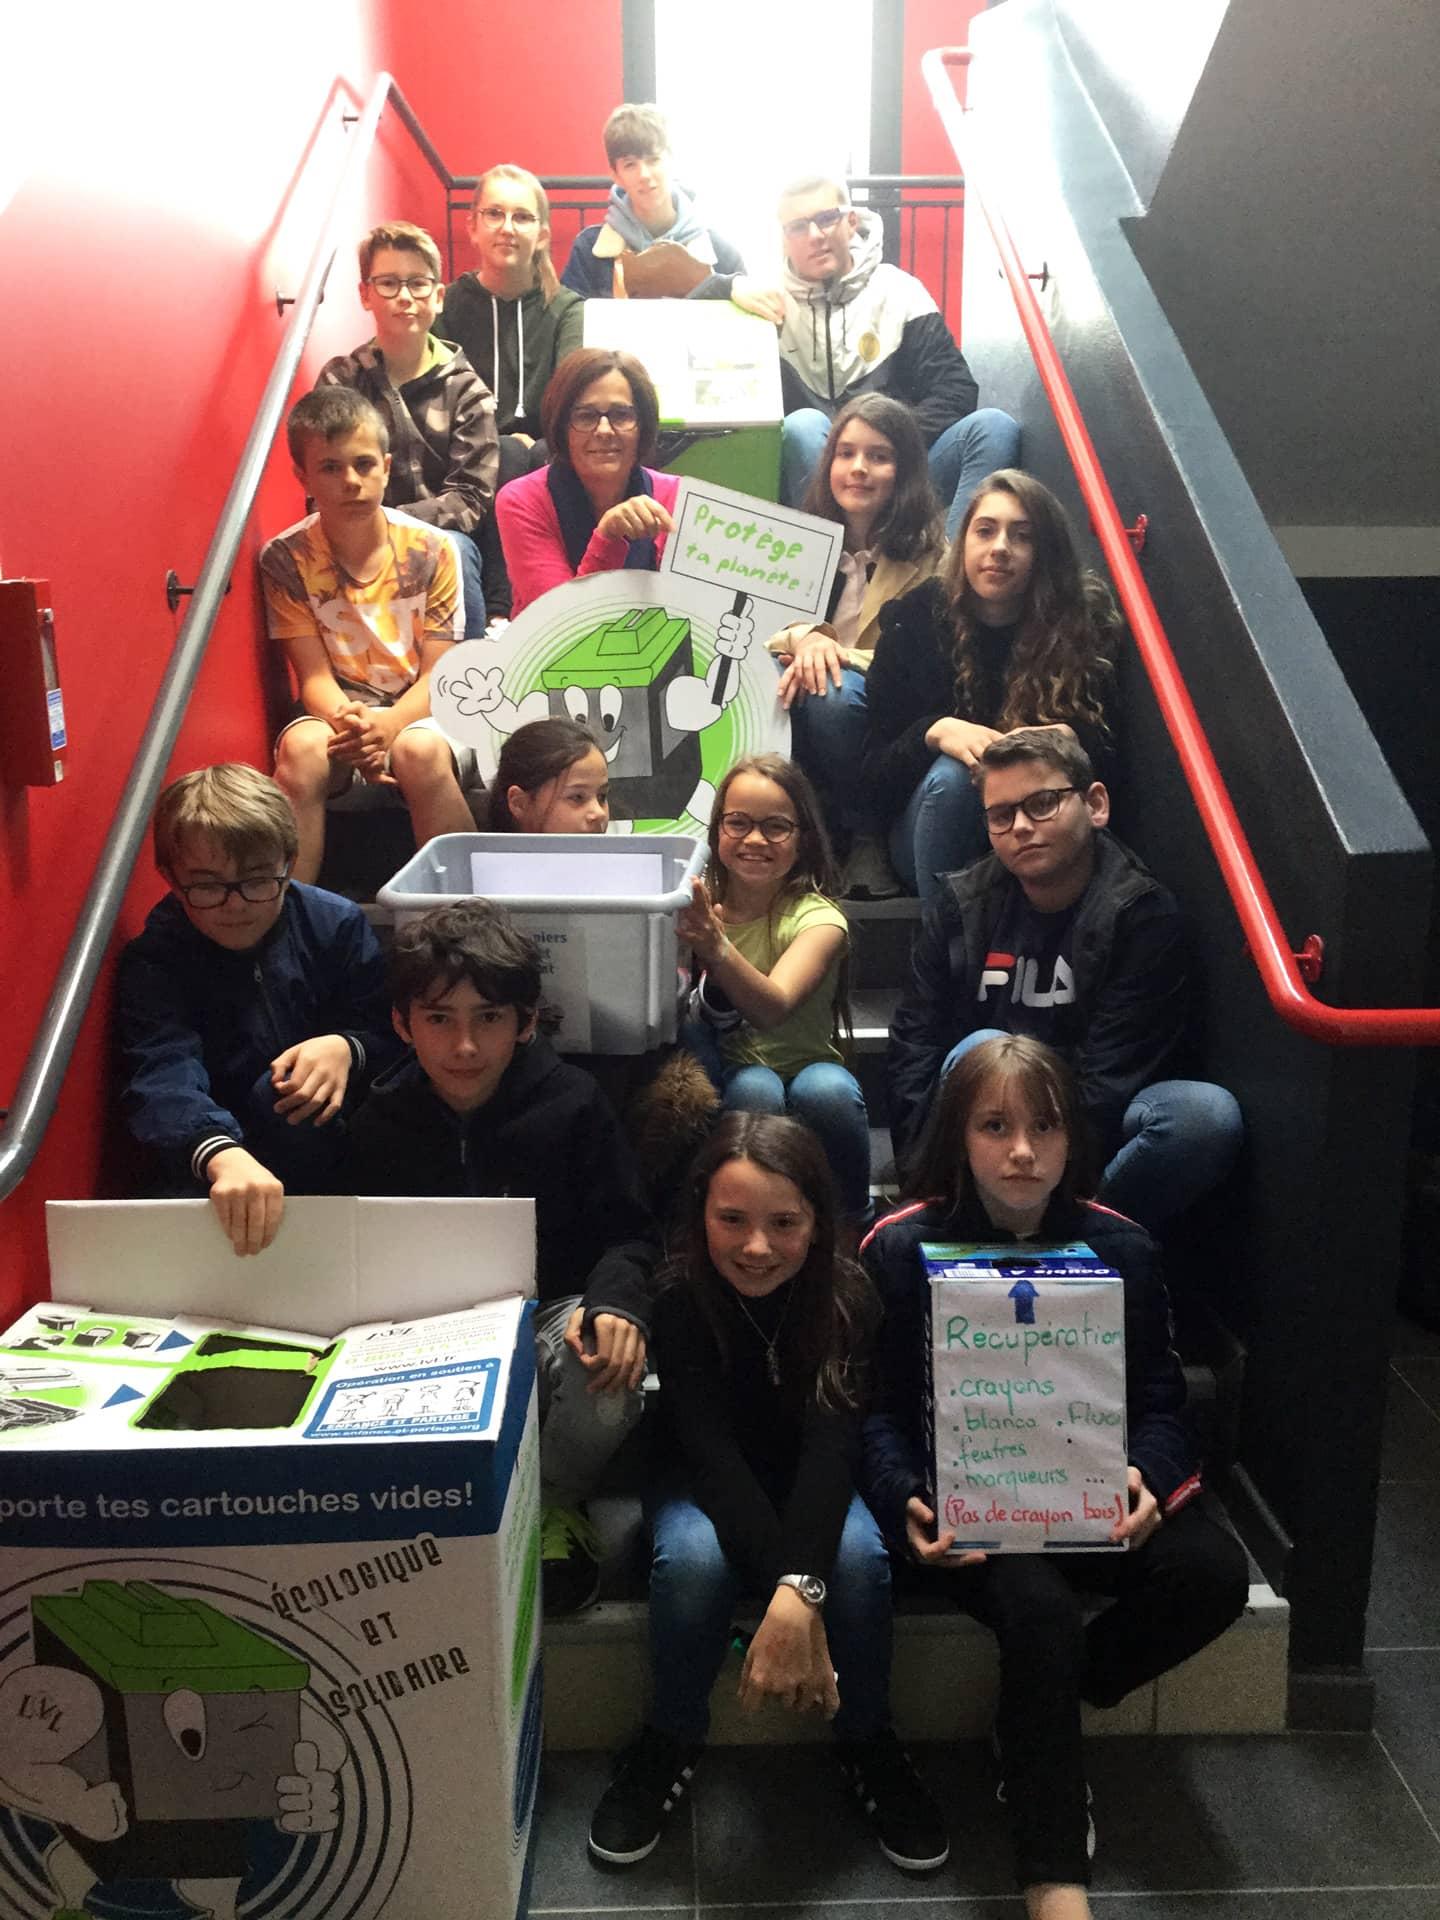 Atelier Environnement au collège : des élèves s'engagent pour préserver la planète